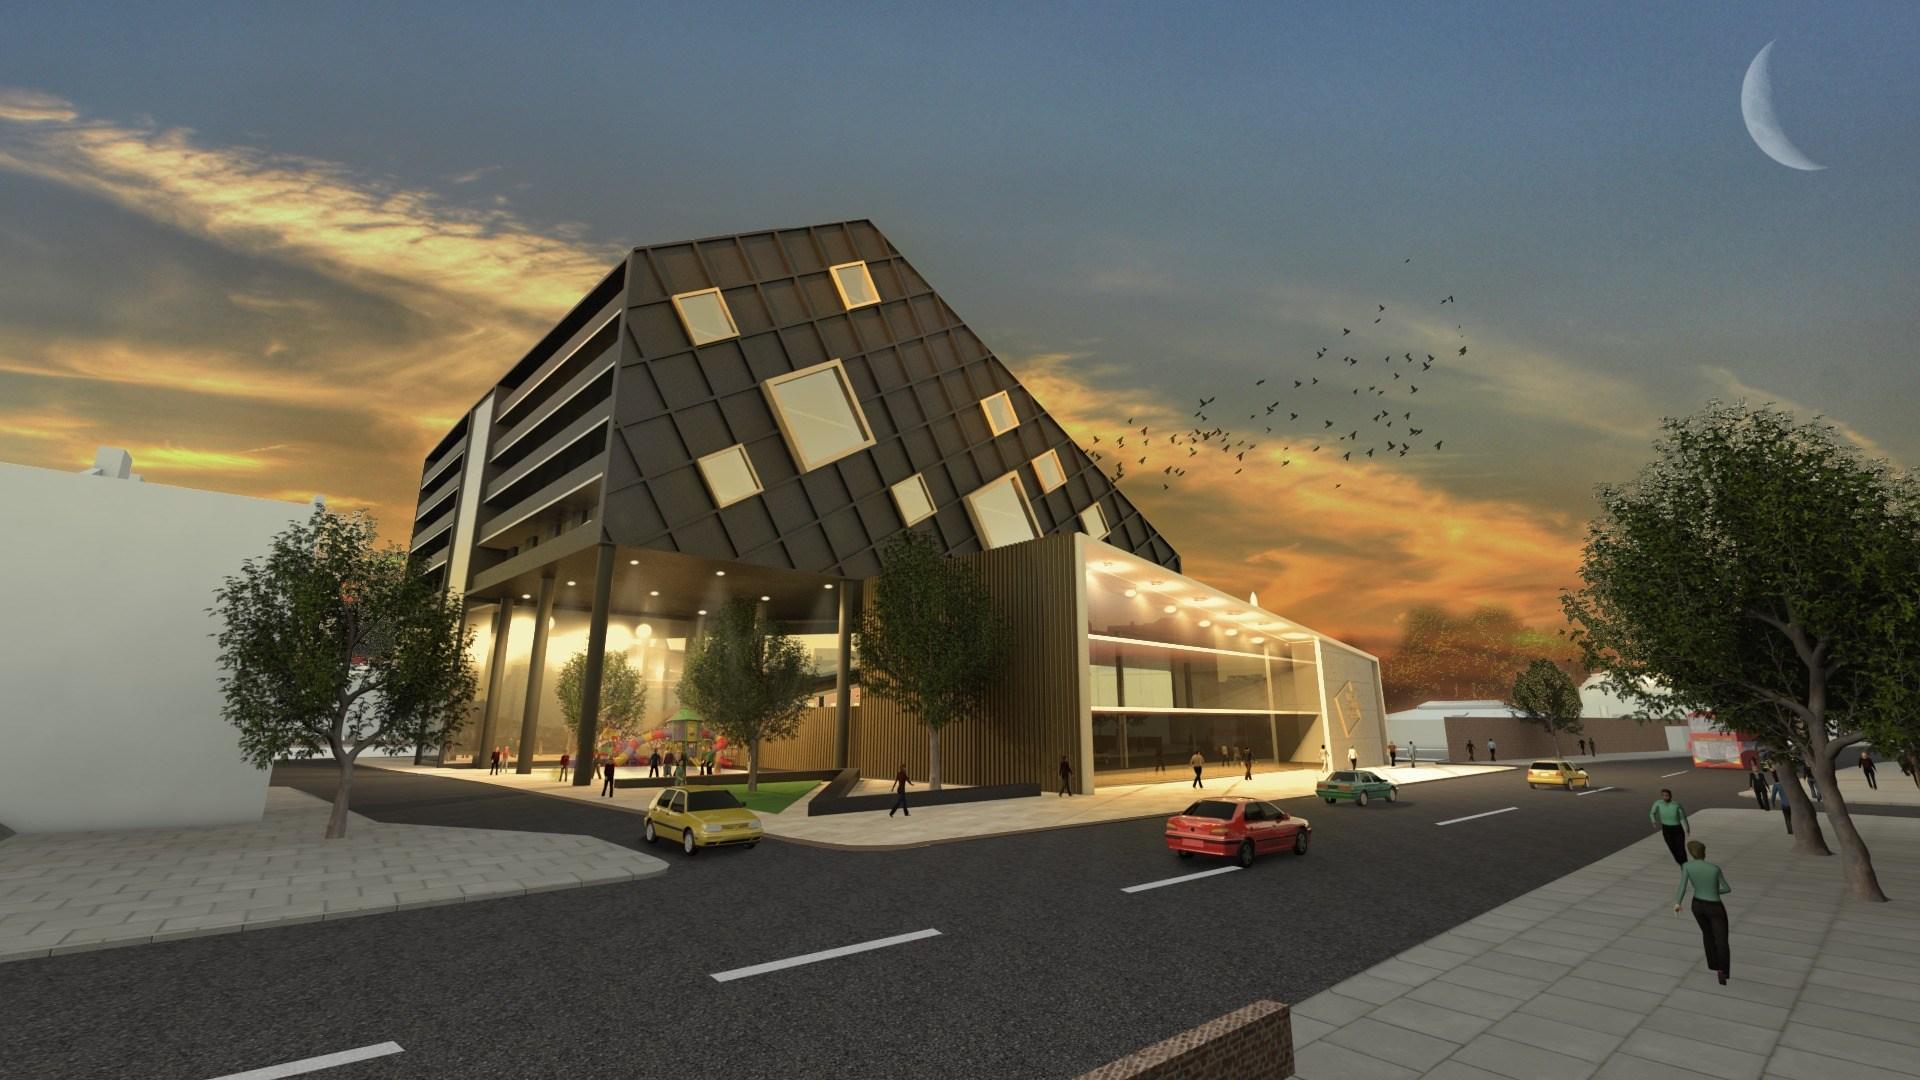 10 ý tưởng kiến trúc để giải quyết khủng hoàng nhà ở tại Luân Đôn